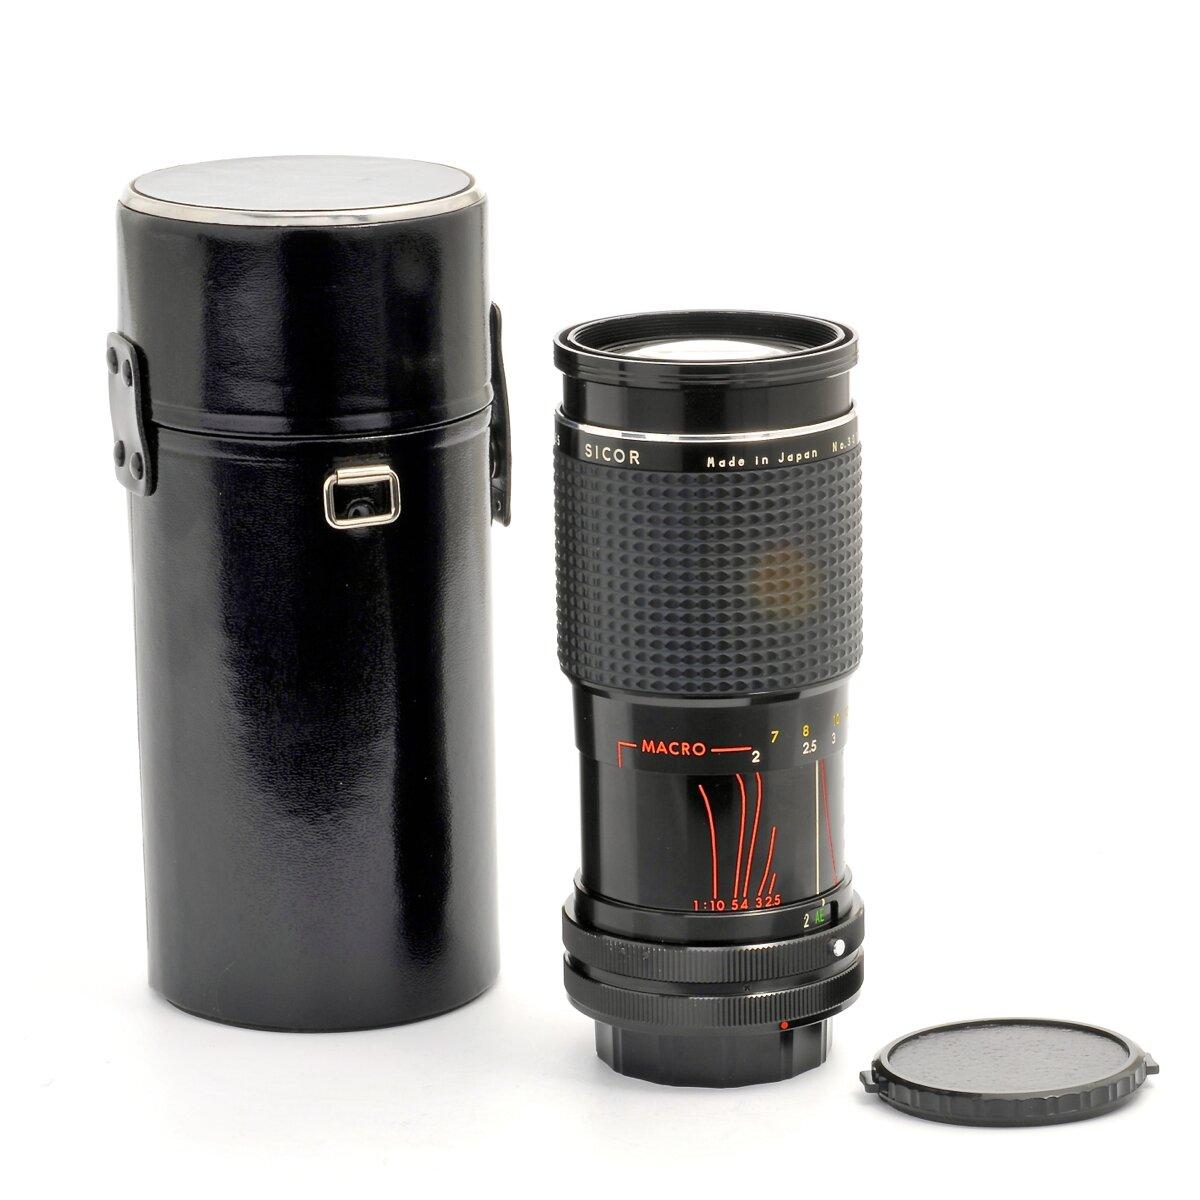 Sicor f. Canon FD 75-200mm 1:5